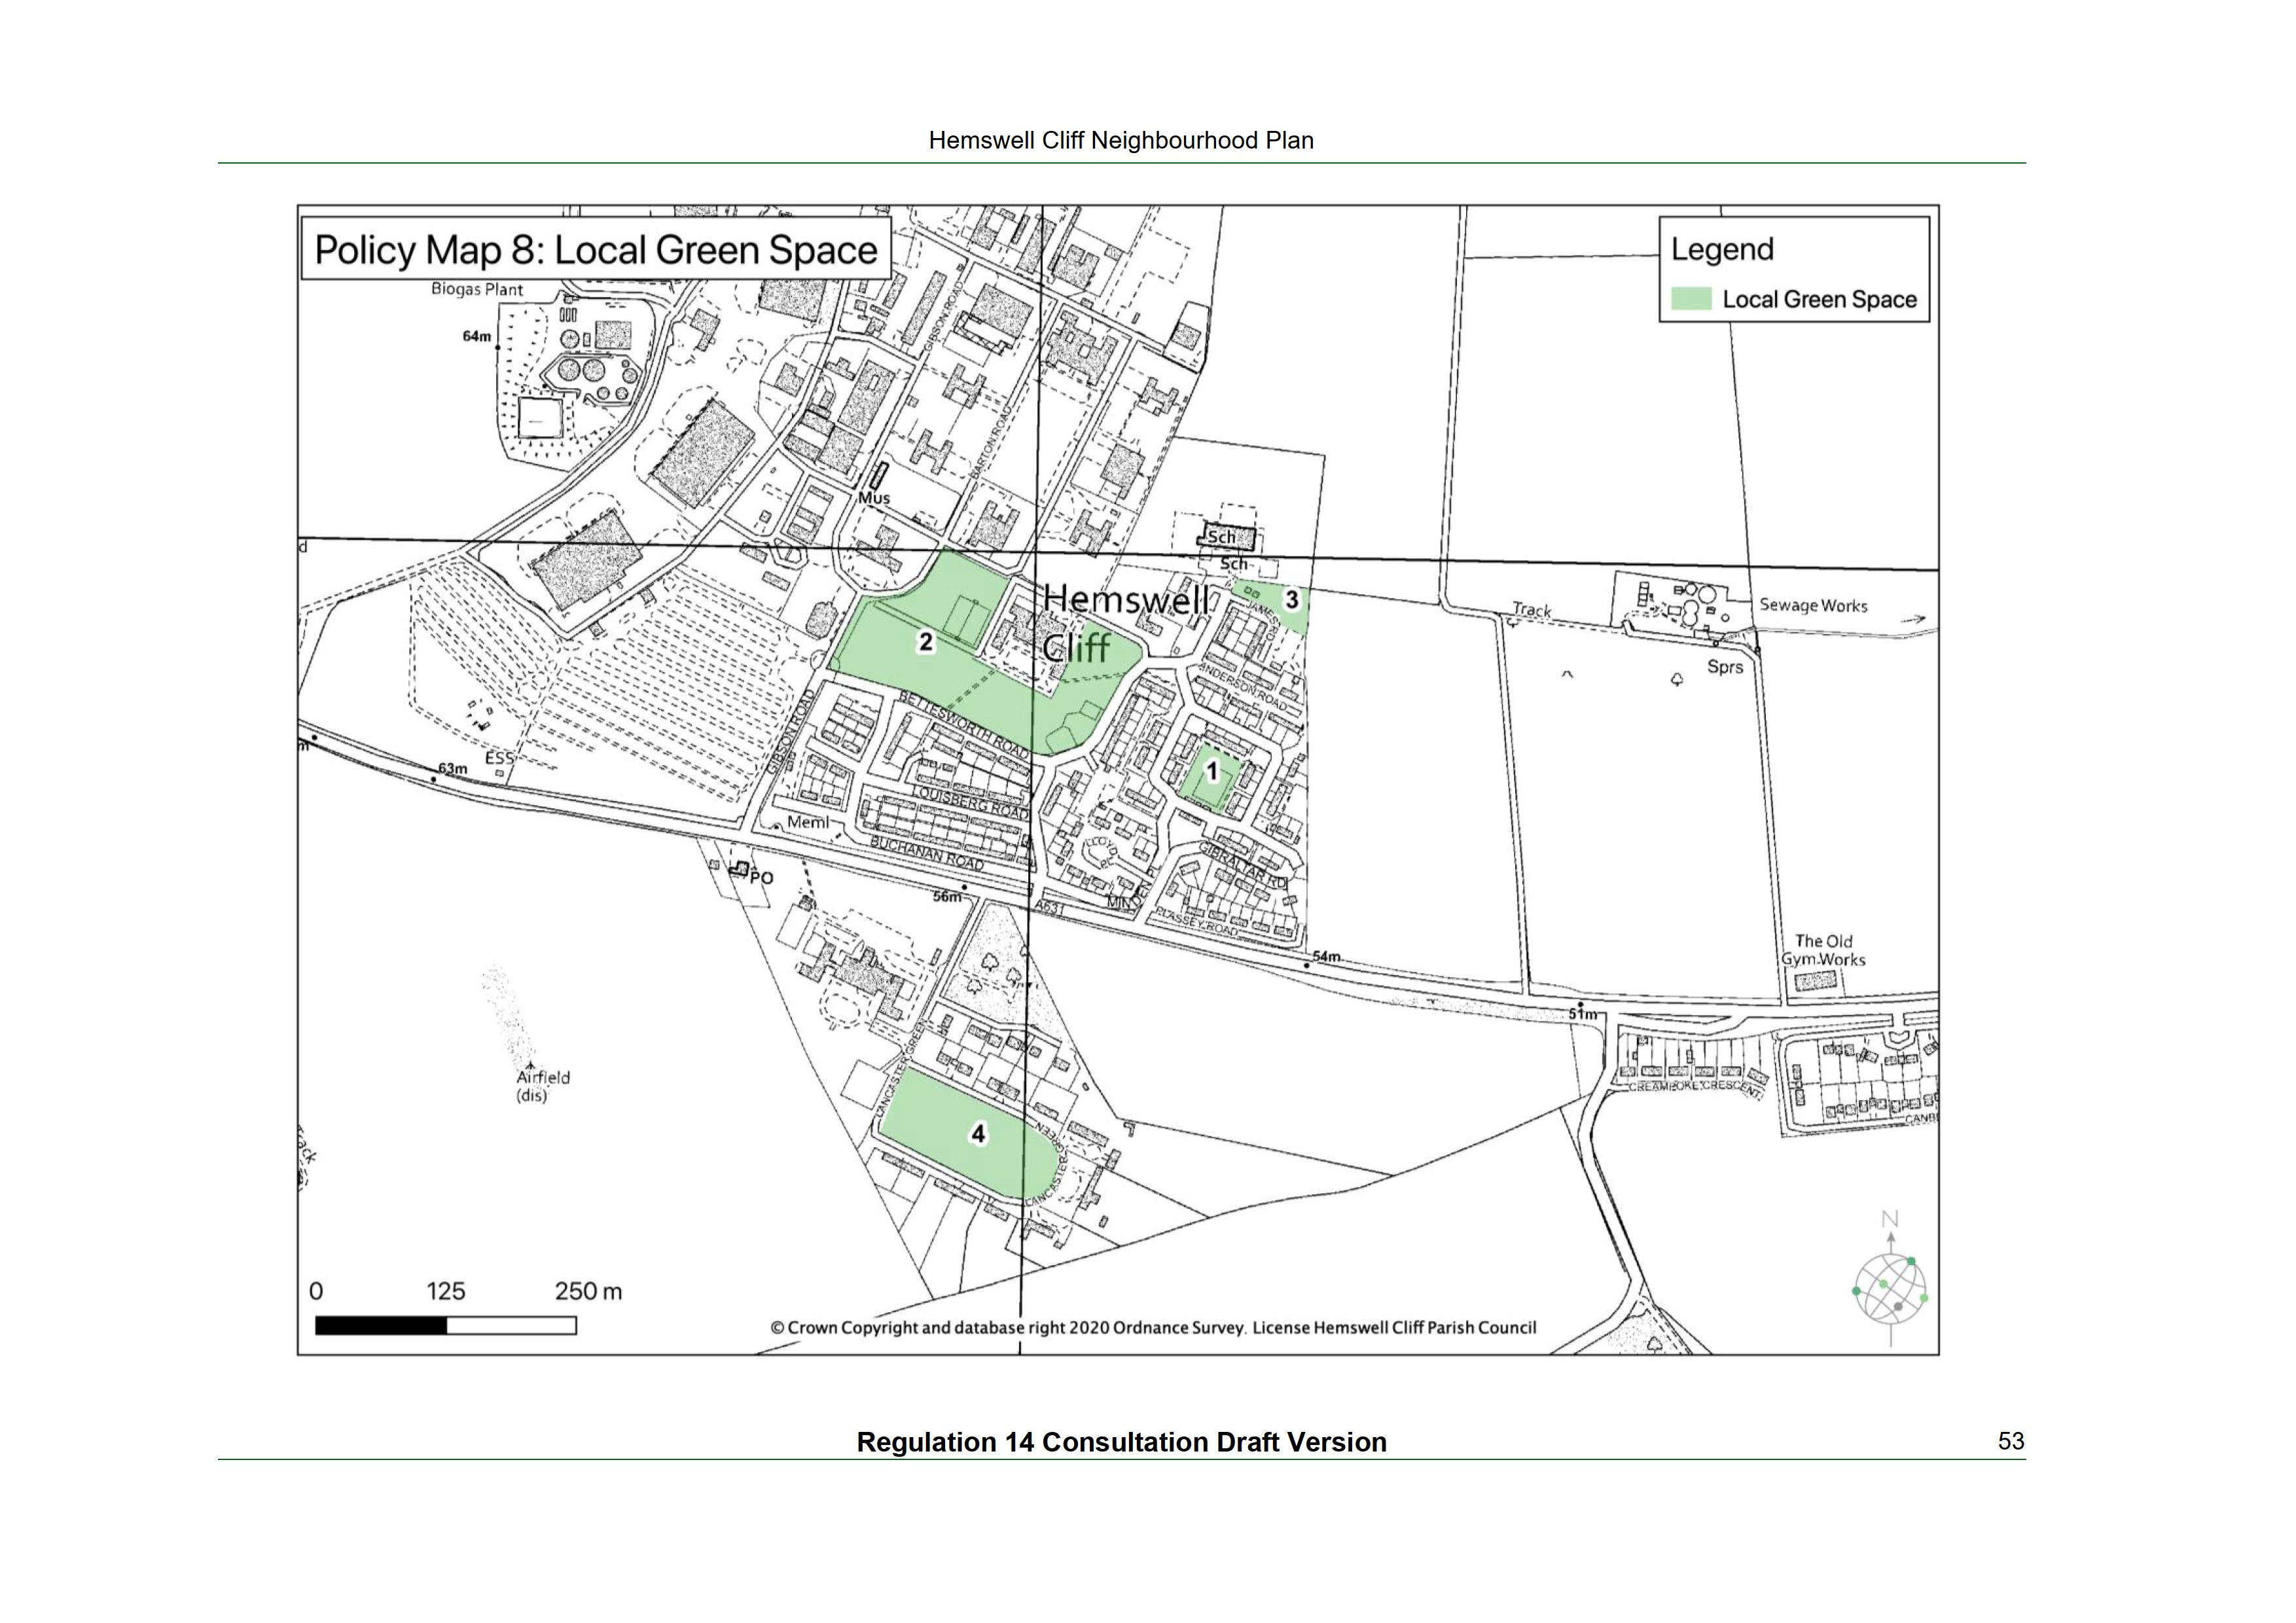 Hemswell_Cliff_R14_Draft_Neighbourhood_Plan_53.png